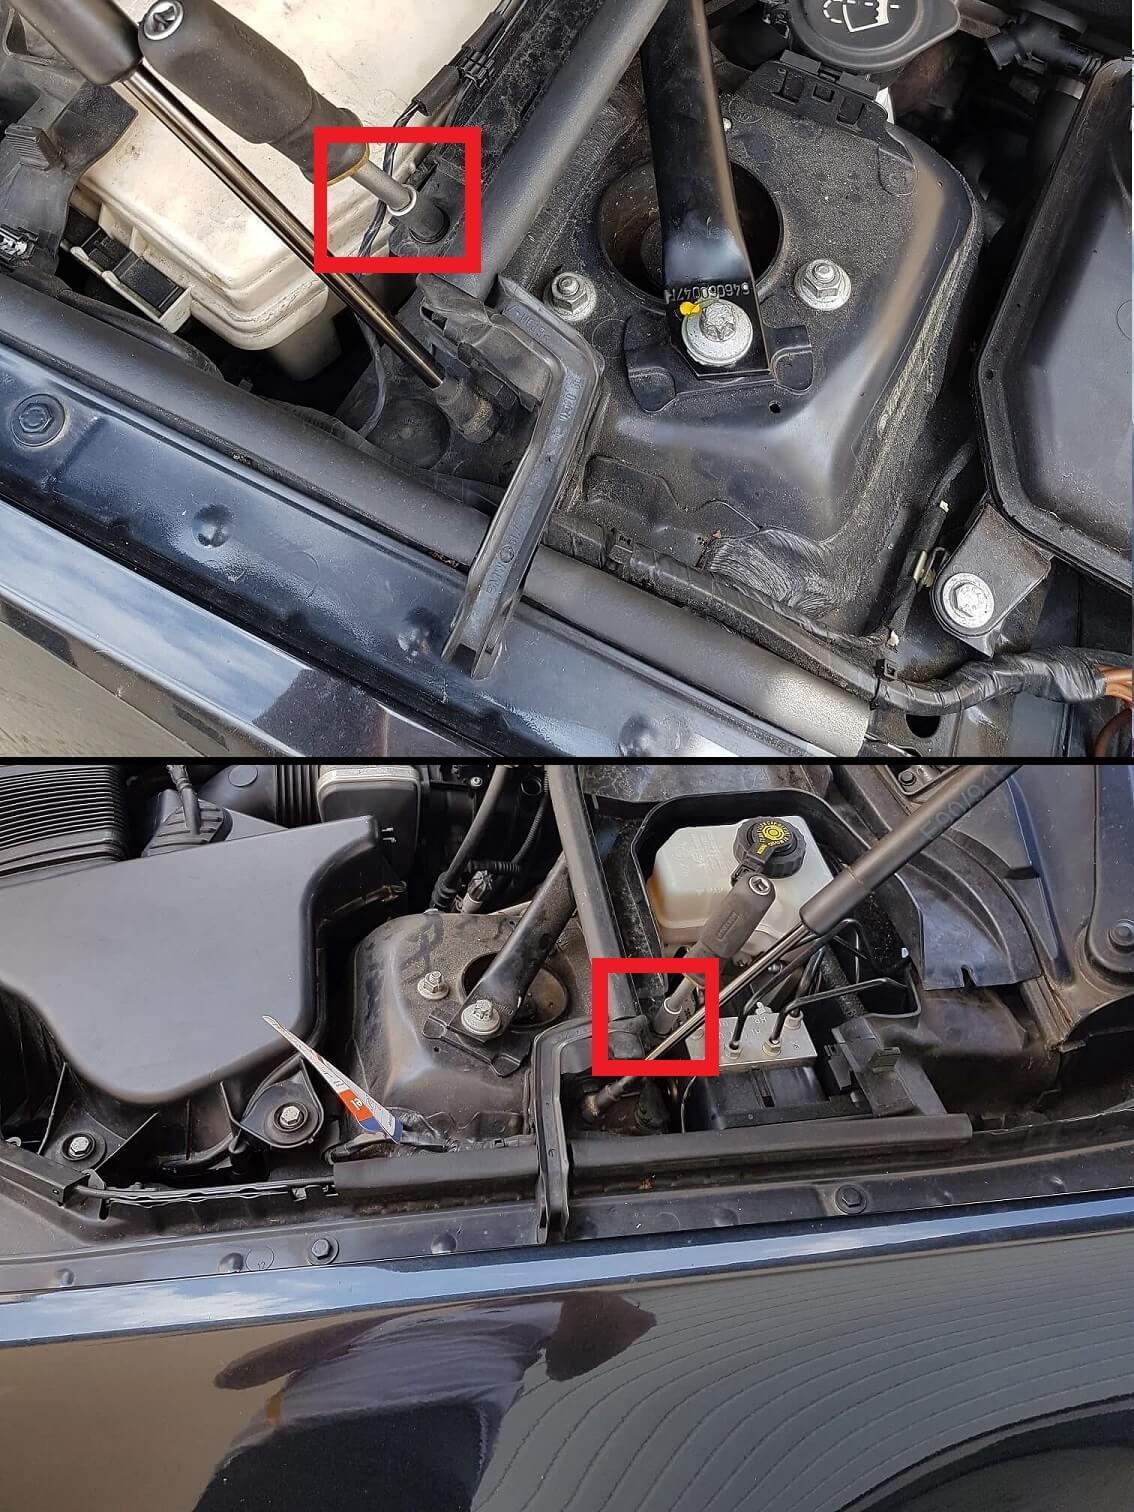 BMW E90 Abdeckungen entfernen